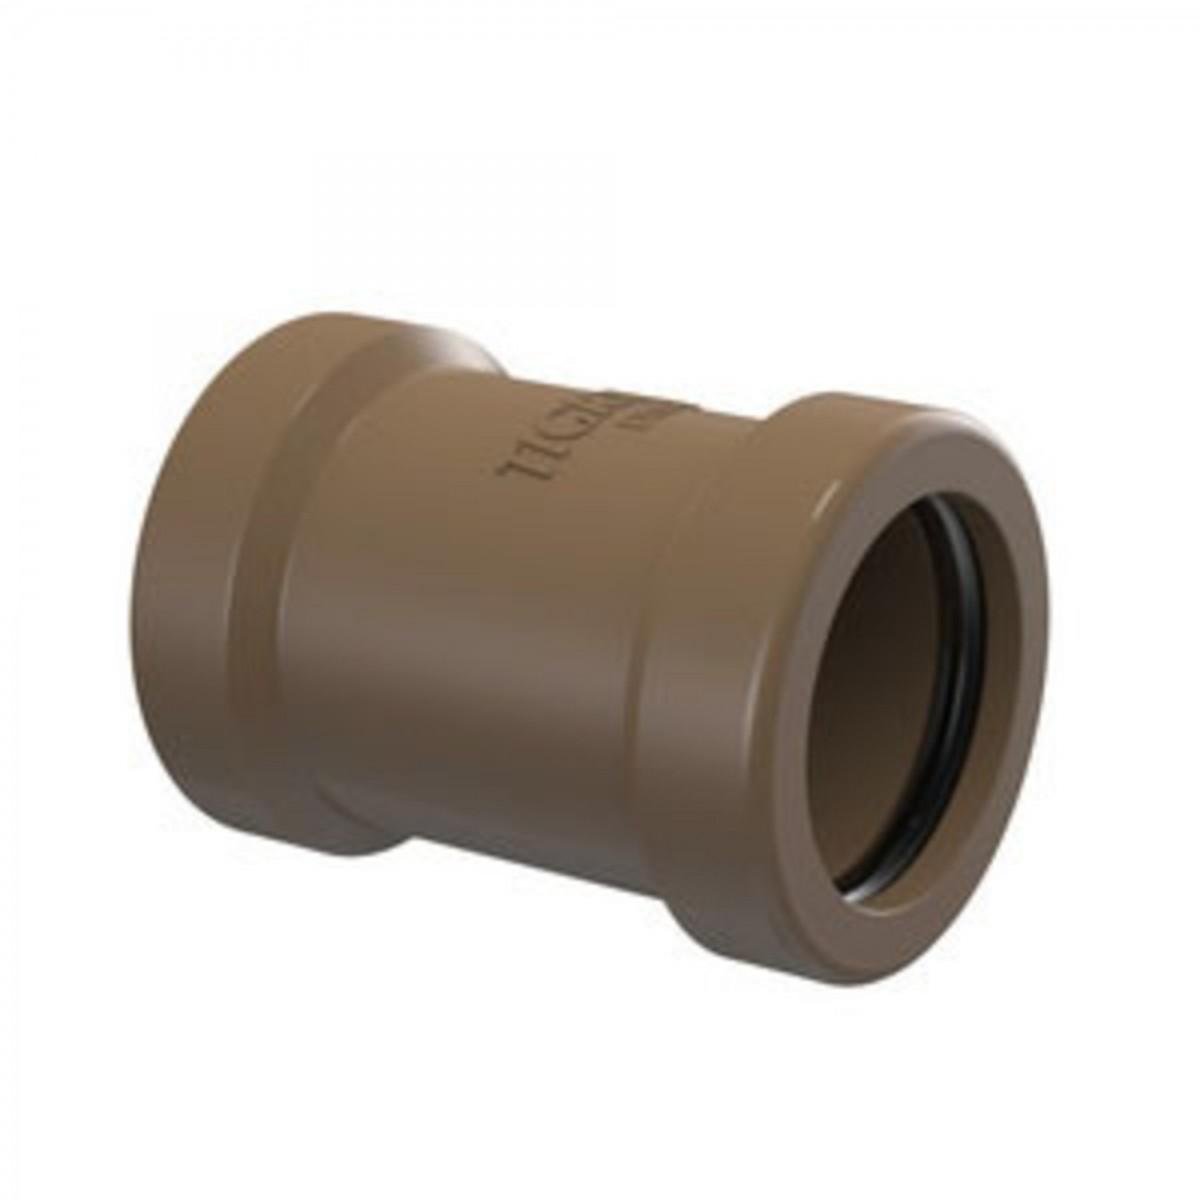 Solda Luva de Correr 32mm (1